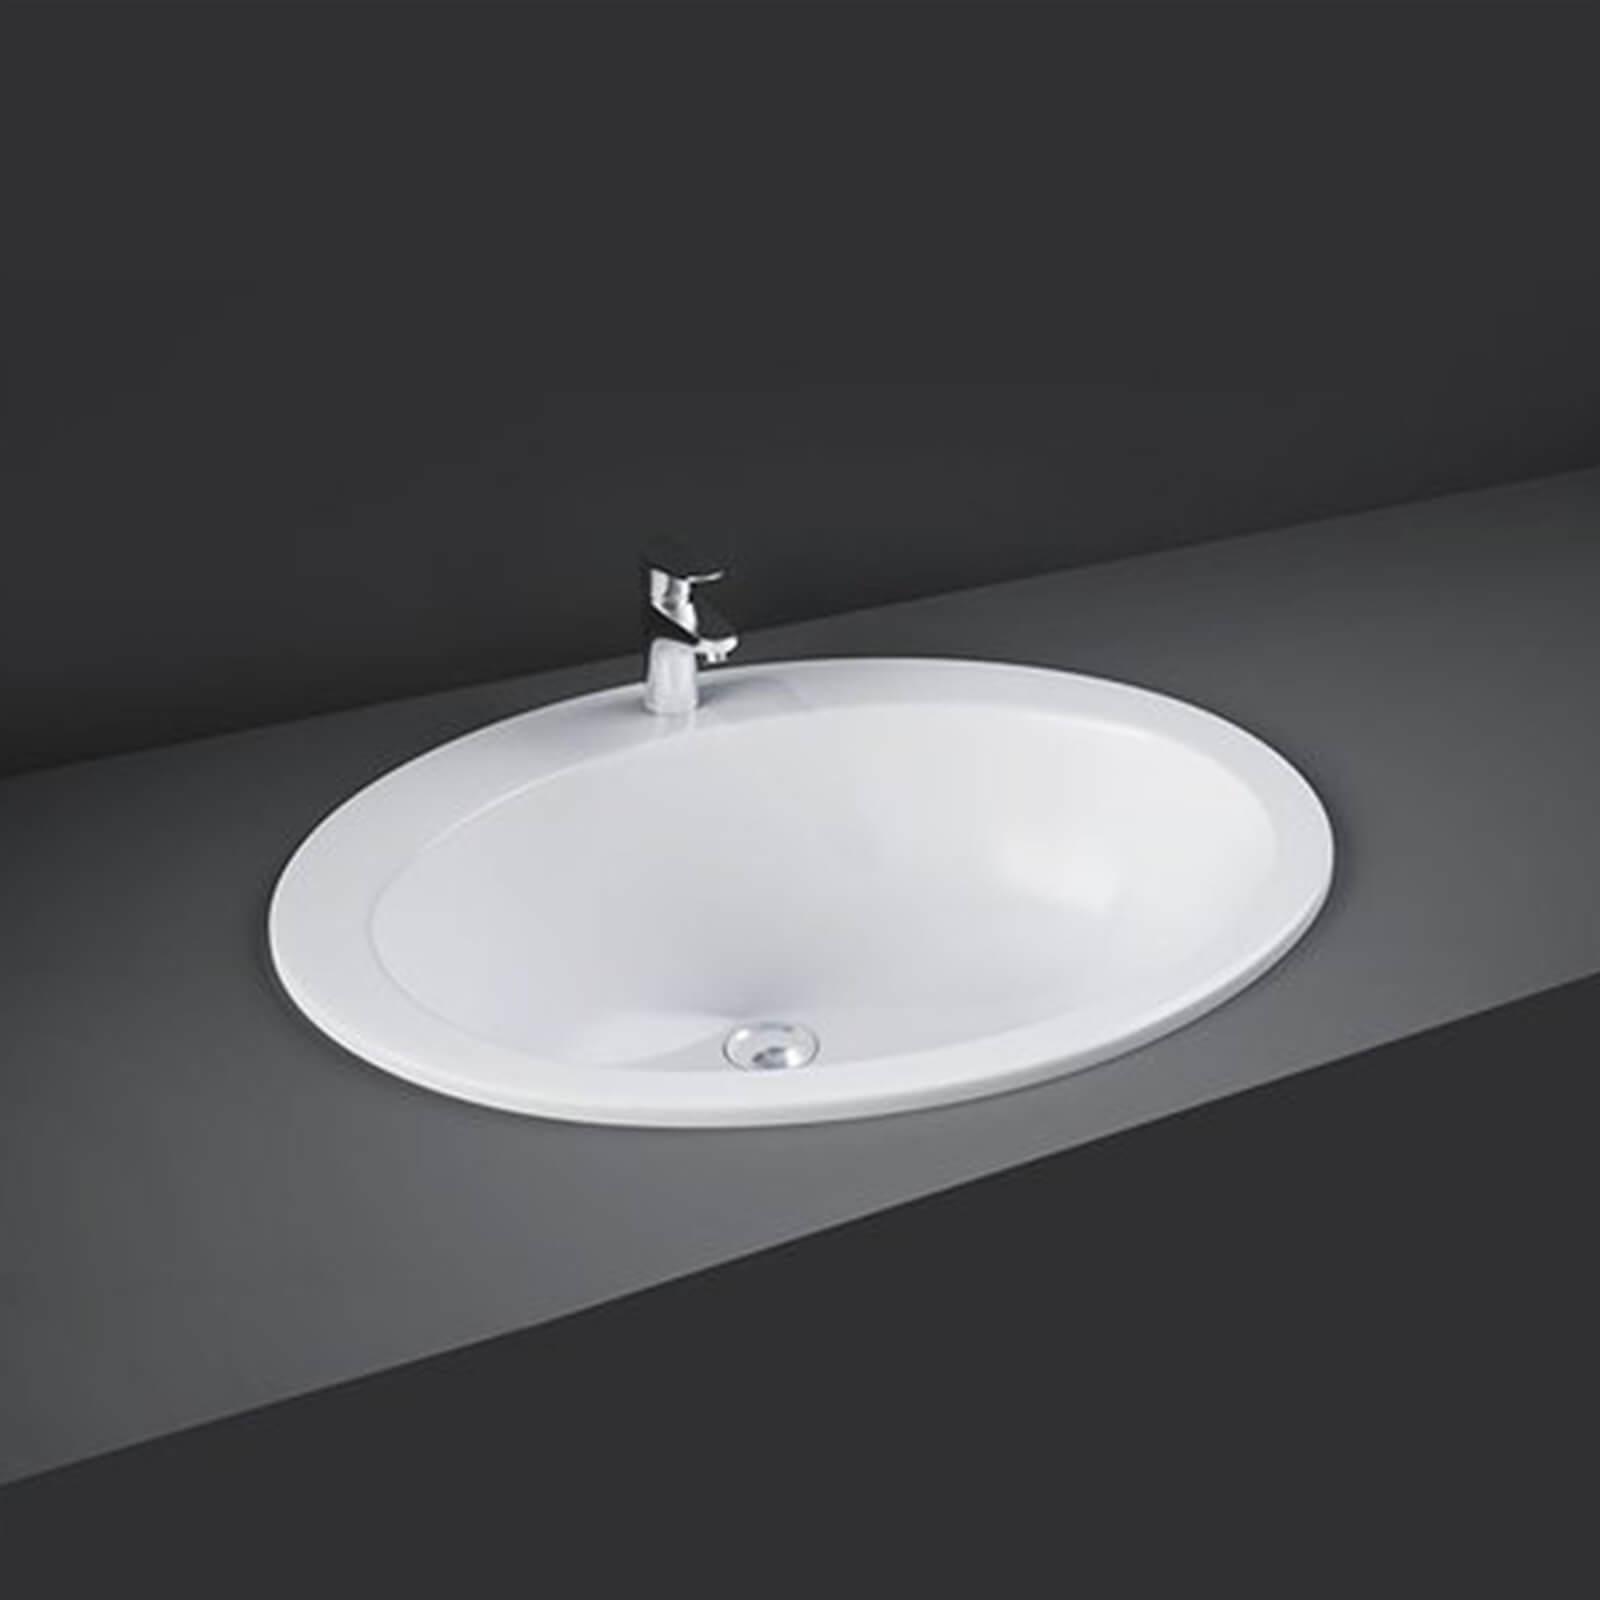 Lavandino Bagno Con Piede lavabo da incasso per il bagno soprapiano - migliori